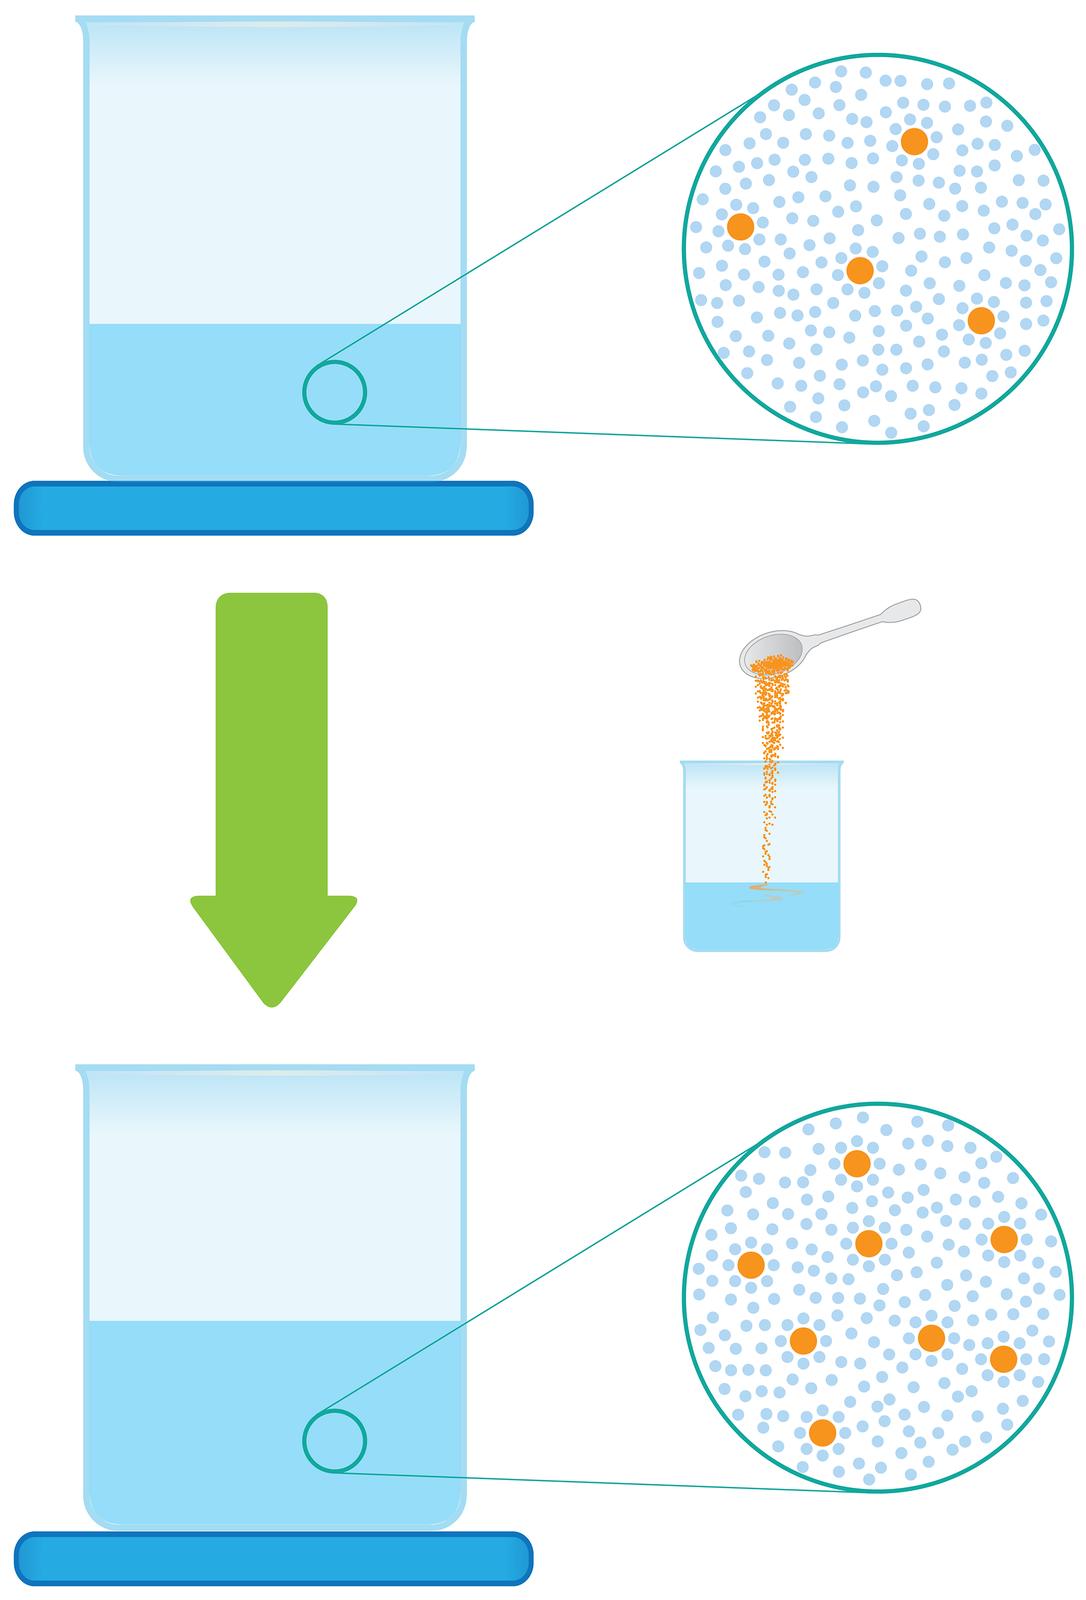 Ilustracja przedstawia proces zatężania roztworu poprzez dodanie kolejnej porcji substancji do roztworu. Składa się zdwóch rysunków umieszczonych jeden nad drugim. Na rysunku górnym stojąca na niebieskiej podkładce zlewka napełniona jest wjednej trzeciej roztworem. Wobszarze roztworu małym kółkiem wyróżniono niewielki fragment iumieszczono po prawej stronie połączone znim dwiema liniami duże koło stylizowane na mikroskopowe powiększenie tego obszaru. Wkole widoczne są duże pomarańczowe kule symbolizujące cząstki rozpuszczonej substancji wliczbie czterech sztuk otoczone przez liczne małe niebieskie kulki symbolizujące cząsteczki wody. Poniżej, pośrodku ilustracji znajduje się gruba zielona strzałka skierowana wdół obok której umieszczono rysunek zlewki do której łyżką dosypywana jest pomarańczowa sproszkowana substancja. Poniżej, na rysunku dolnym ponownie obraz zlewki stojącej na niebieskiej podkładce ze zbliżeniem fragmentu zawartości. Tym razem zlewka napełniona jest do połowy, ana powiększeniu cząsteczek substancji rozpuszczonej wwodzie jest dwa razy więcej.